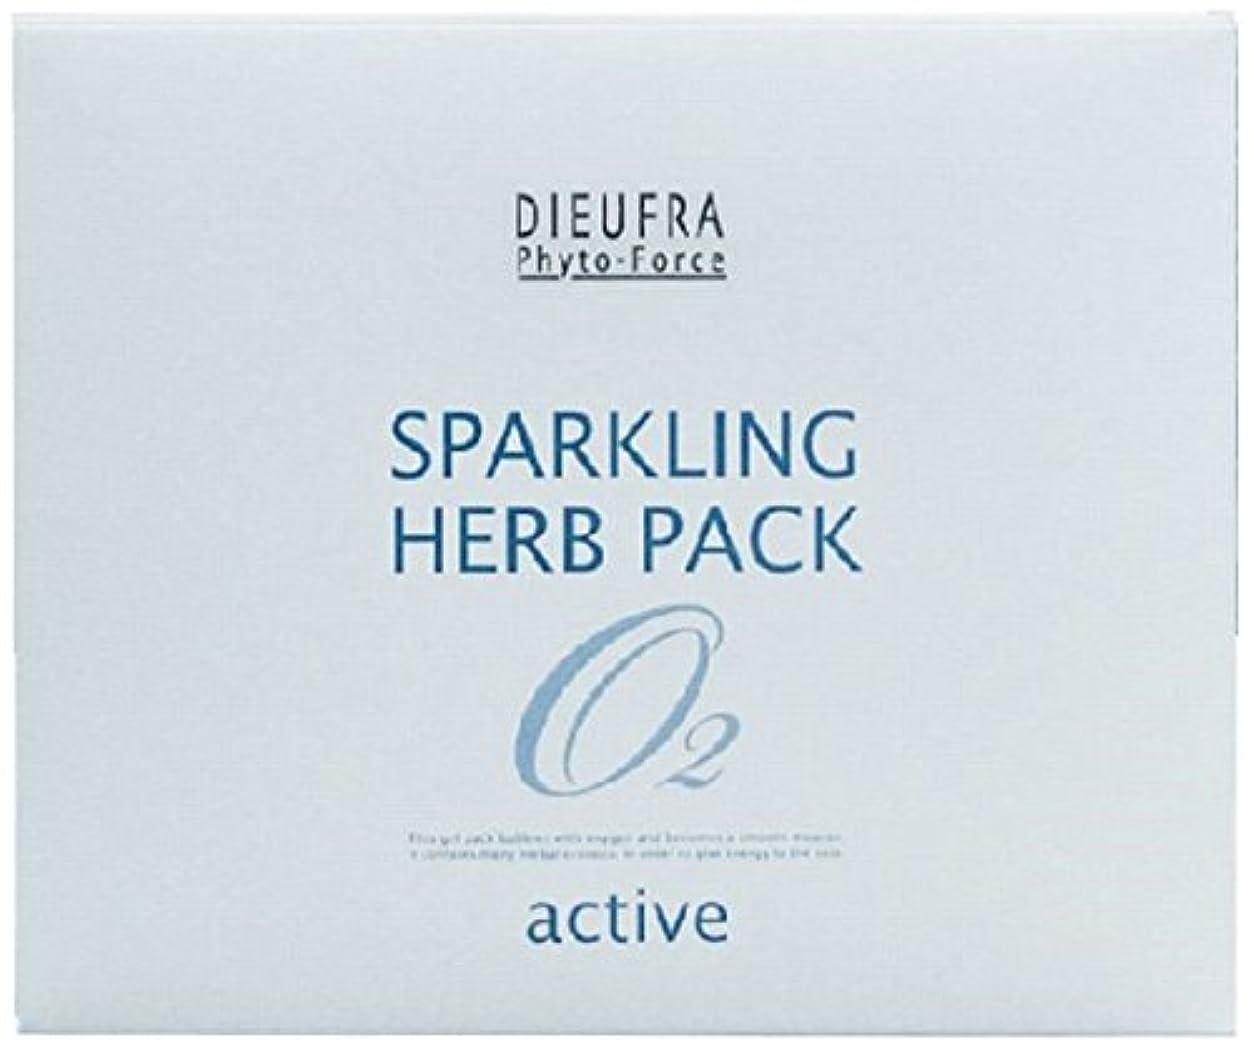 スペアつぶやき葉を集めるデュフラ フィトフォース スパークリングハーブパックA 240g(酵素パック?8g×30P)